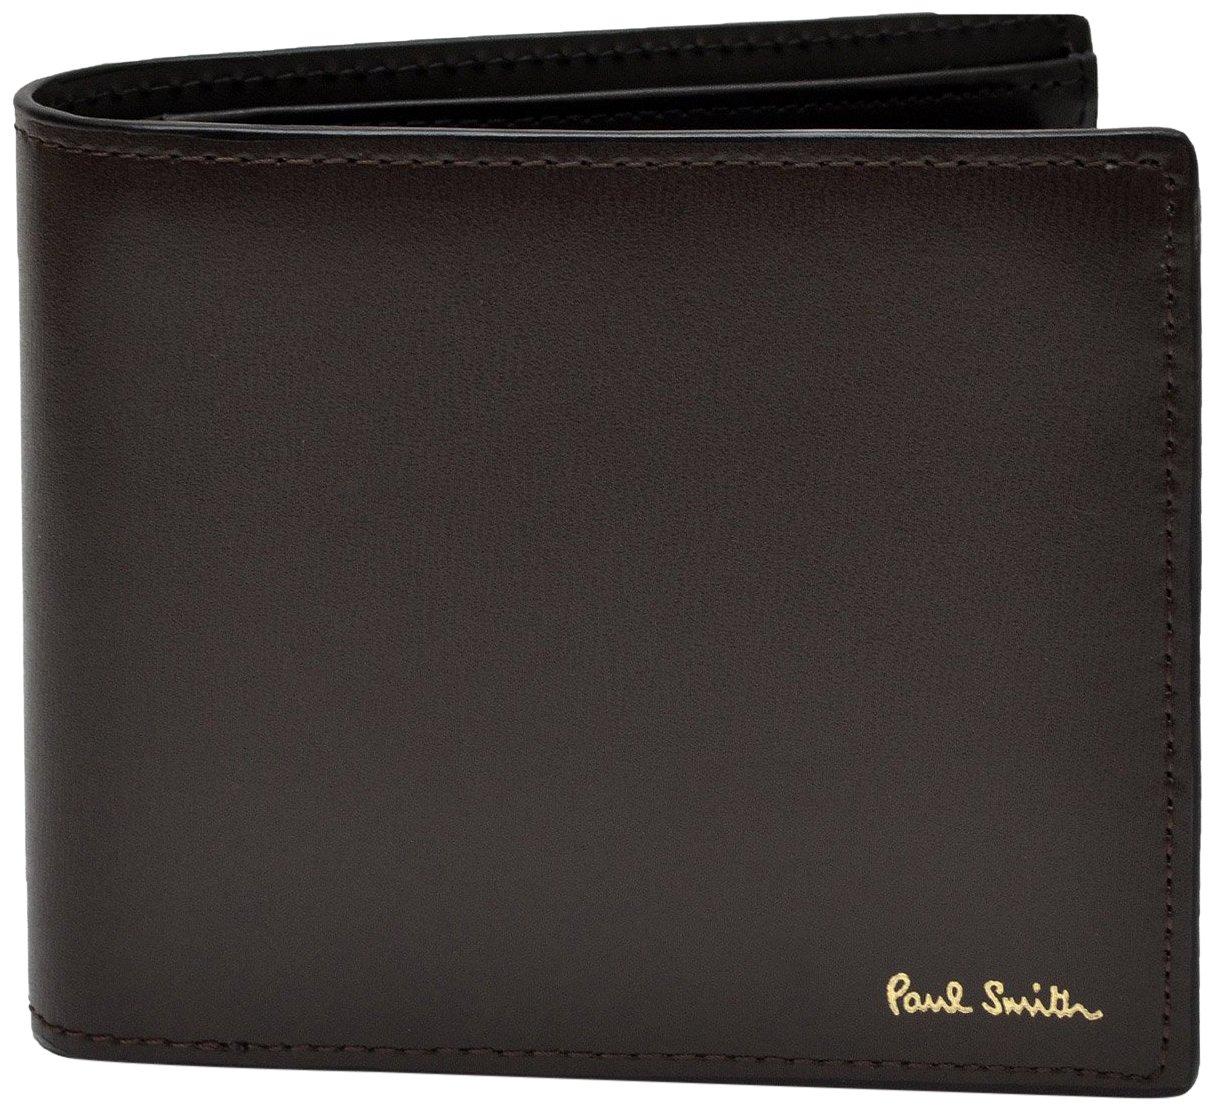 [名入れ可] ポールスミス Paul Smith 正規品 本革 シティエンボス 二つ折り財布 ショップバッグ付 ウォレット B01LEU787W 刻印あり|チョコ チョコ 刻印あり